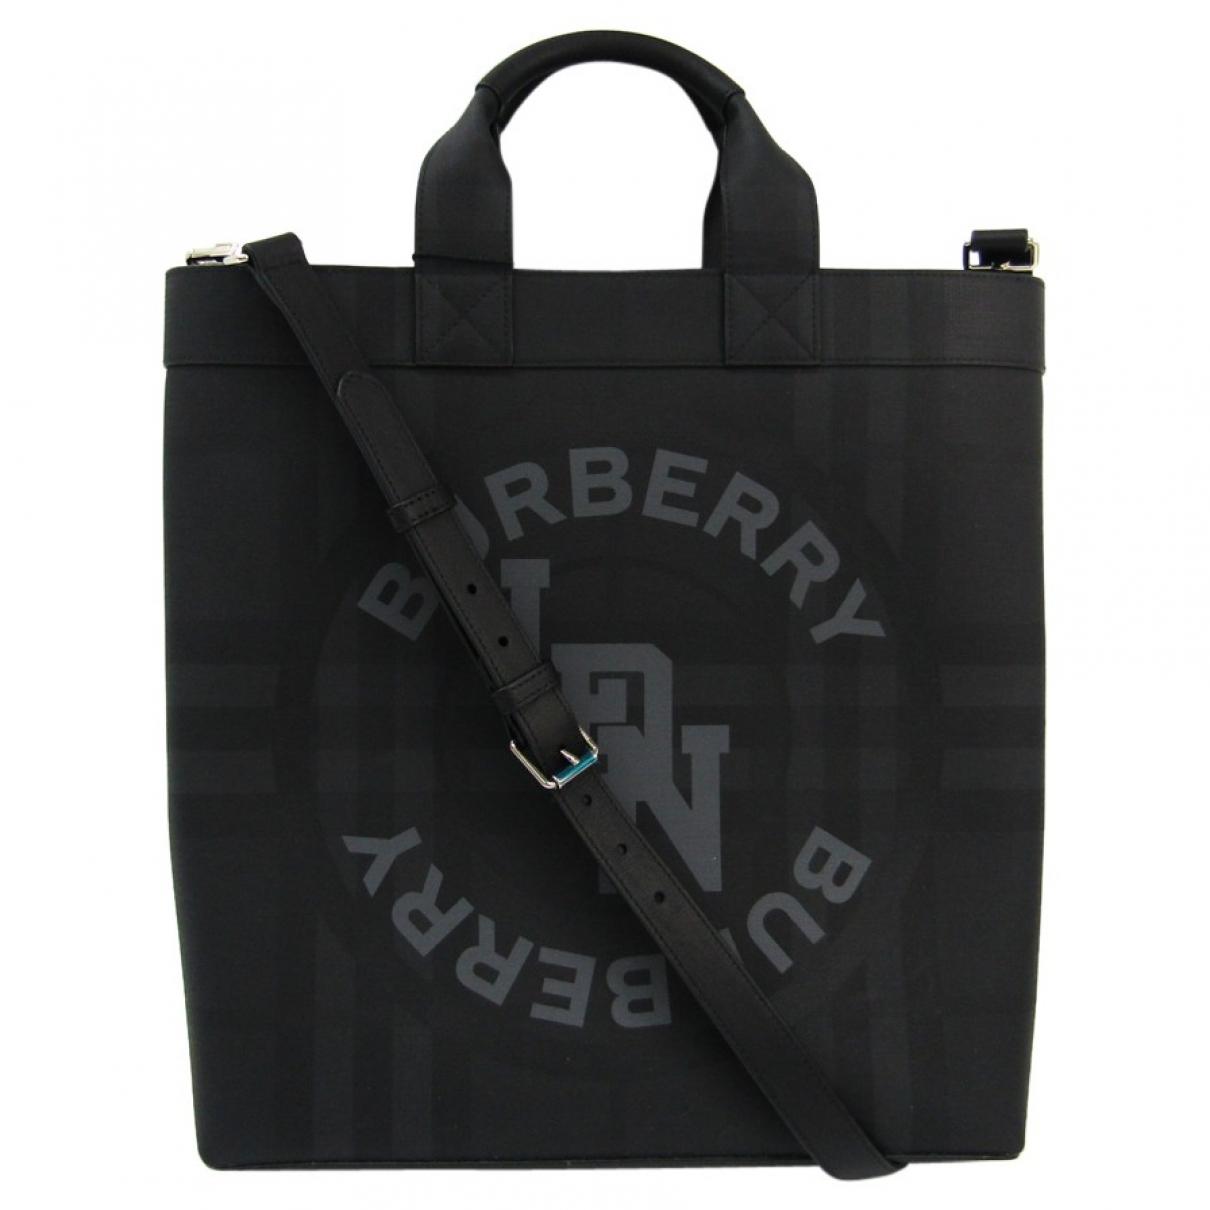 Burberry - Sac   pour homme en toile - noir